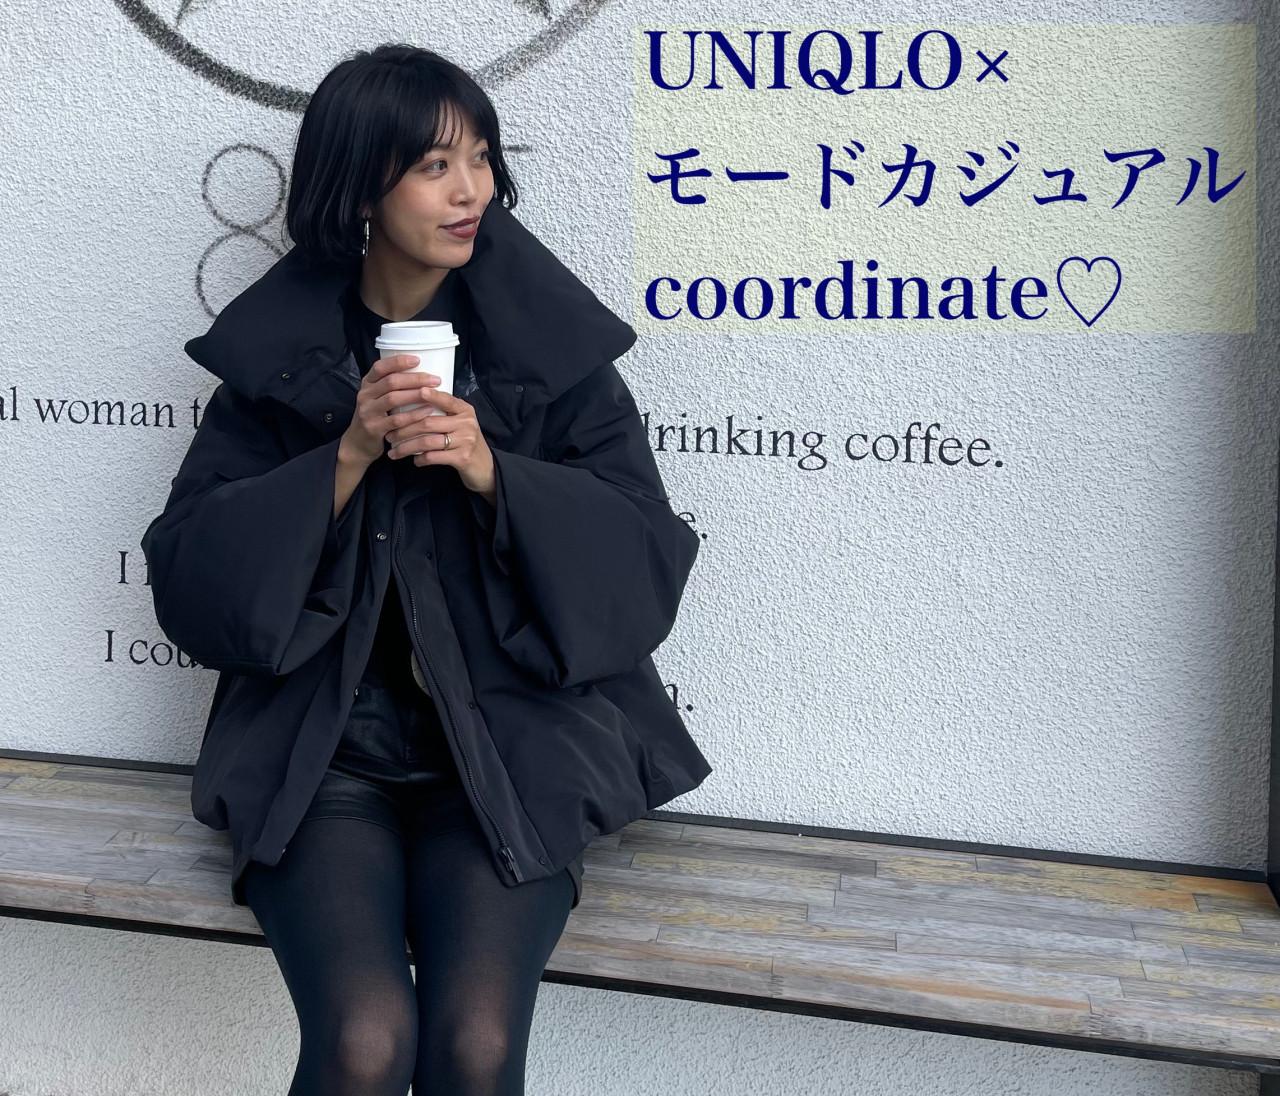 UNIQLOでつくる!モードカジュアルコーディネート♡